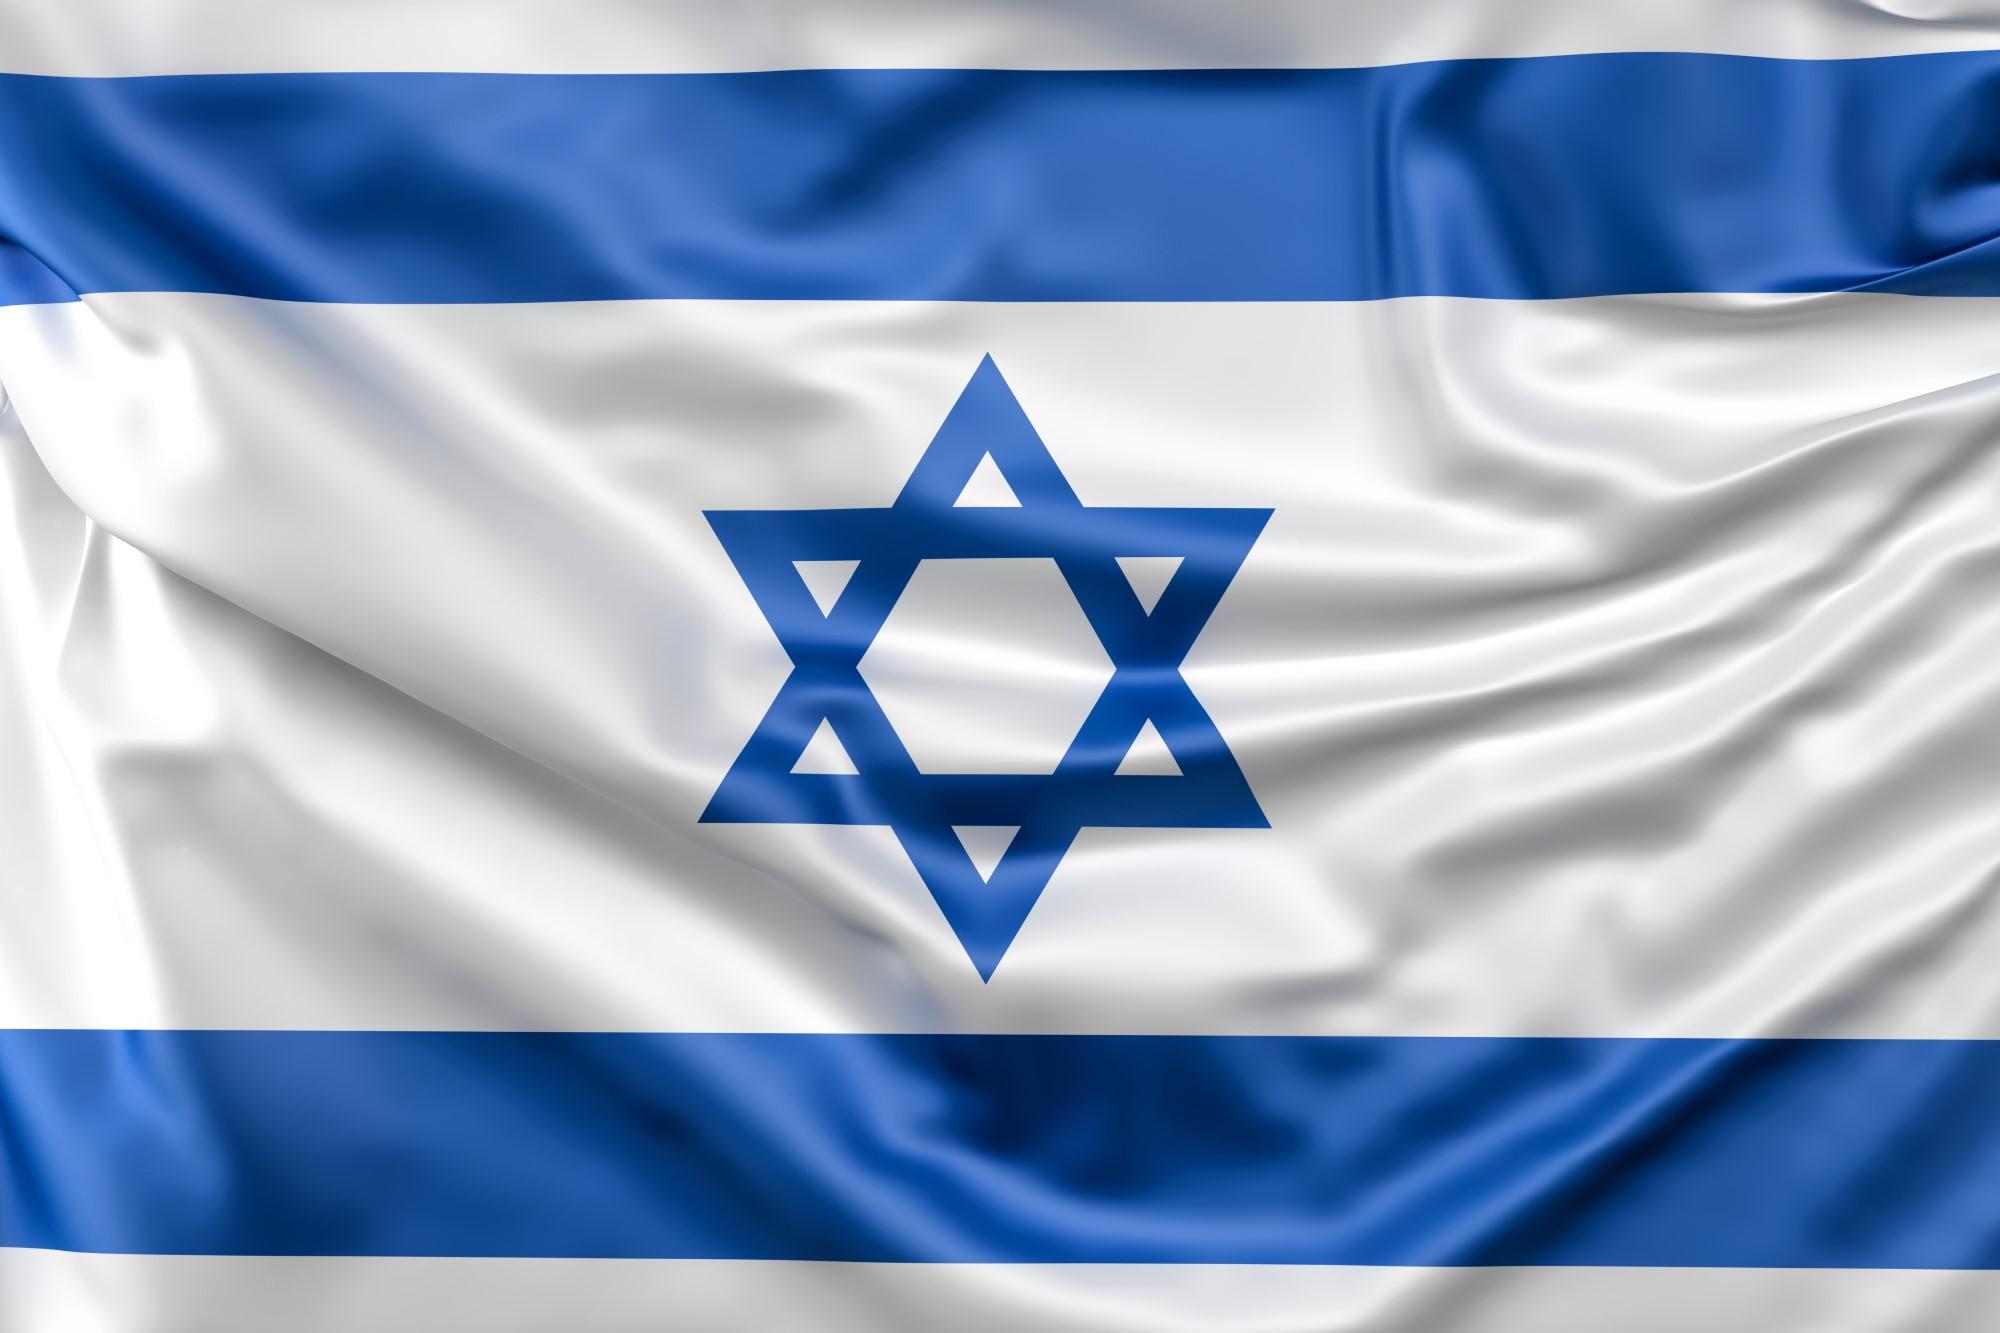 רעננה חוגגת 72 שנה למדינת ישראל!